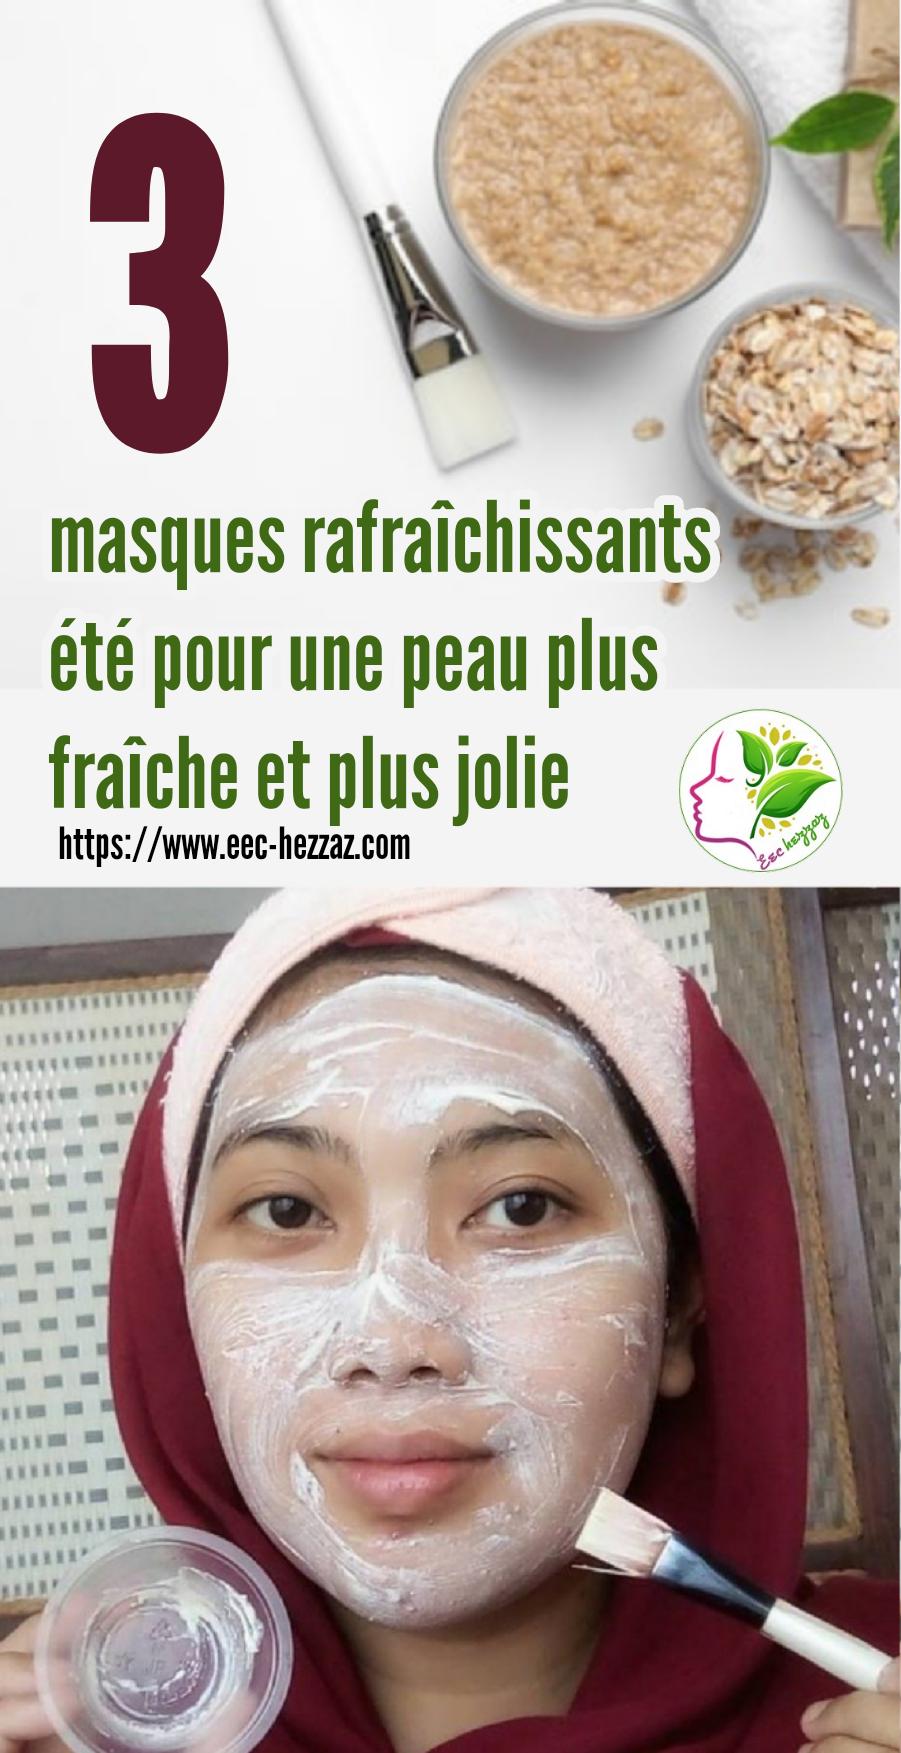 3 masques rafraîchissants été pour une peau plus fraîche et plus jolie